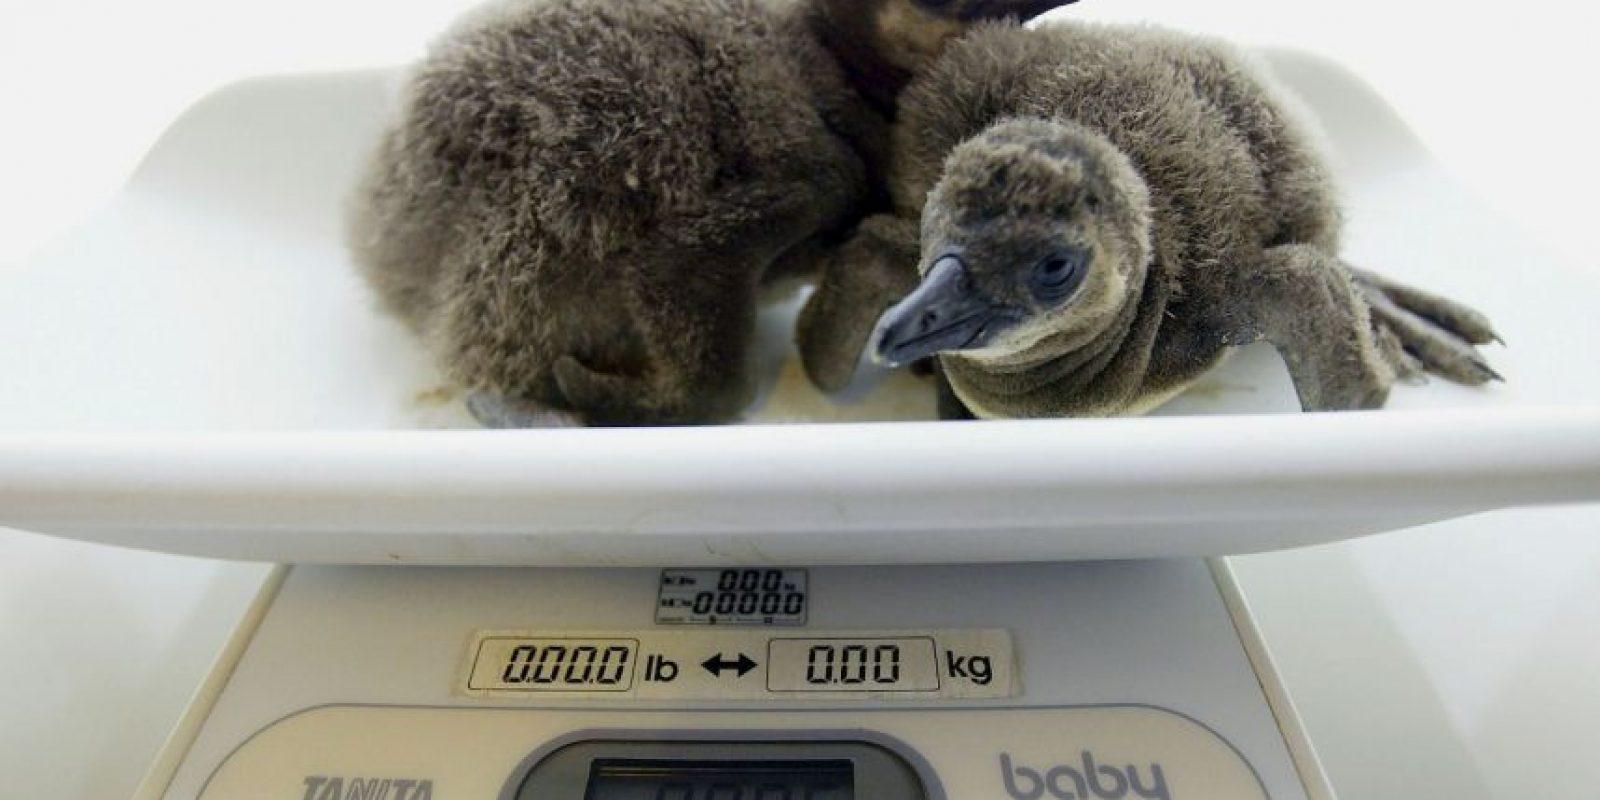 Se conocen 17 especies de pingüinos en el mundo Foto:Getty Images